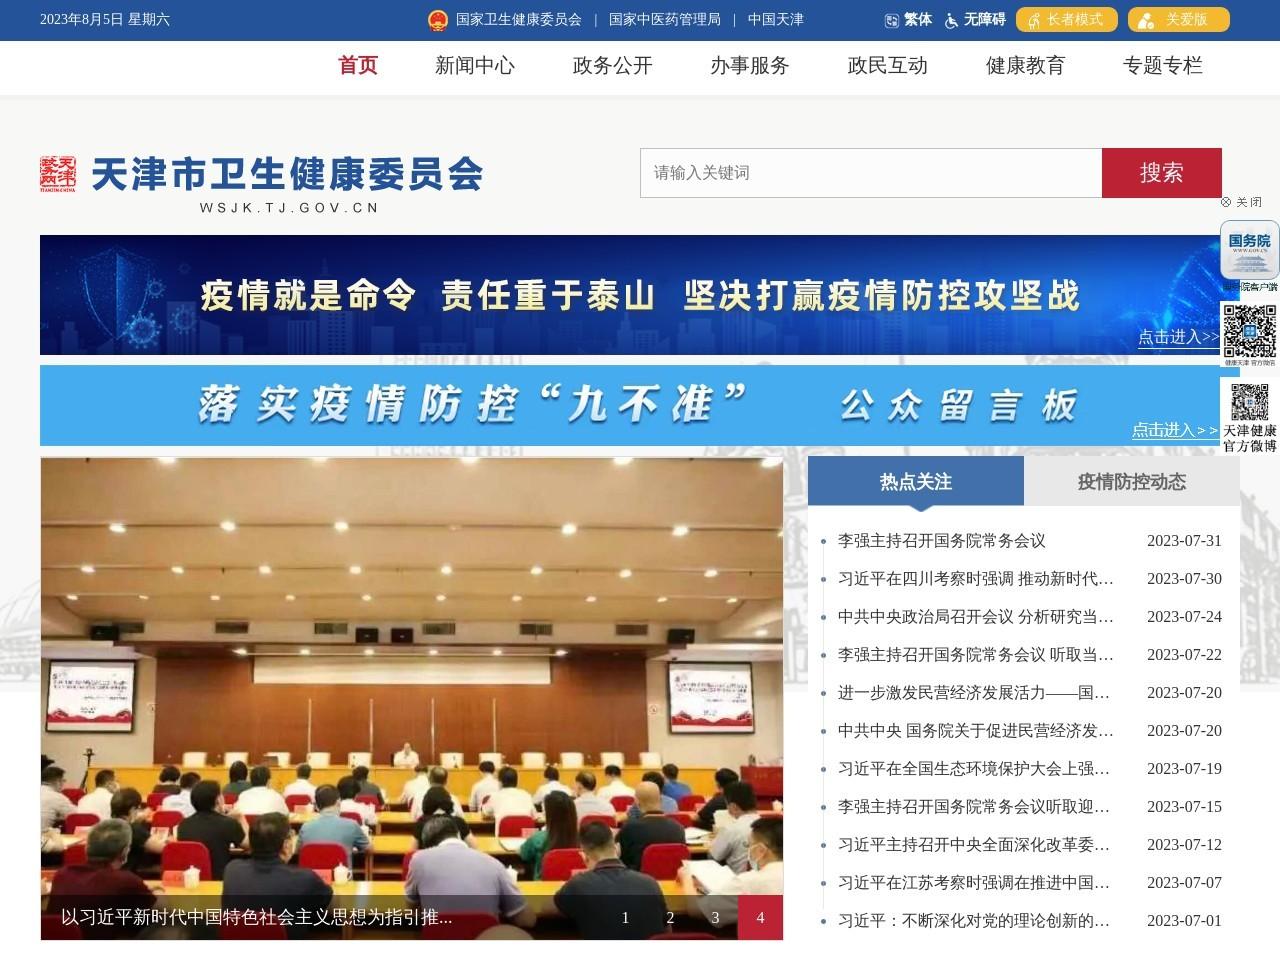 天津市卫生健康委员会